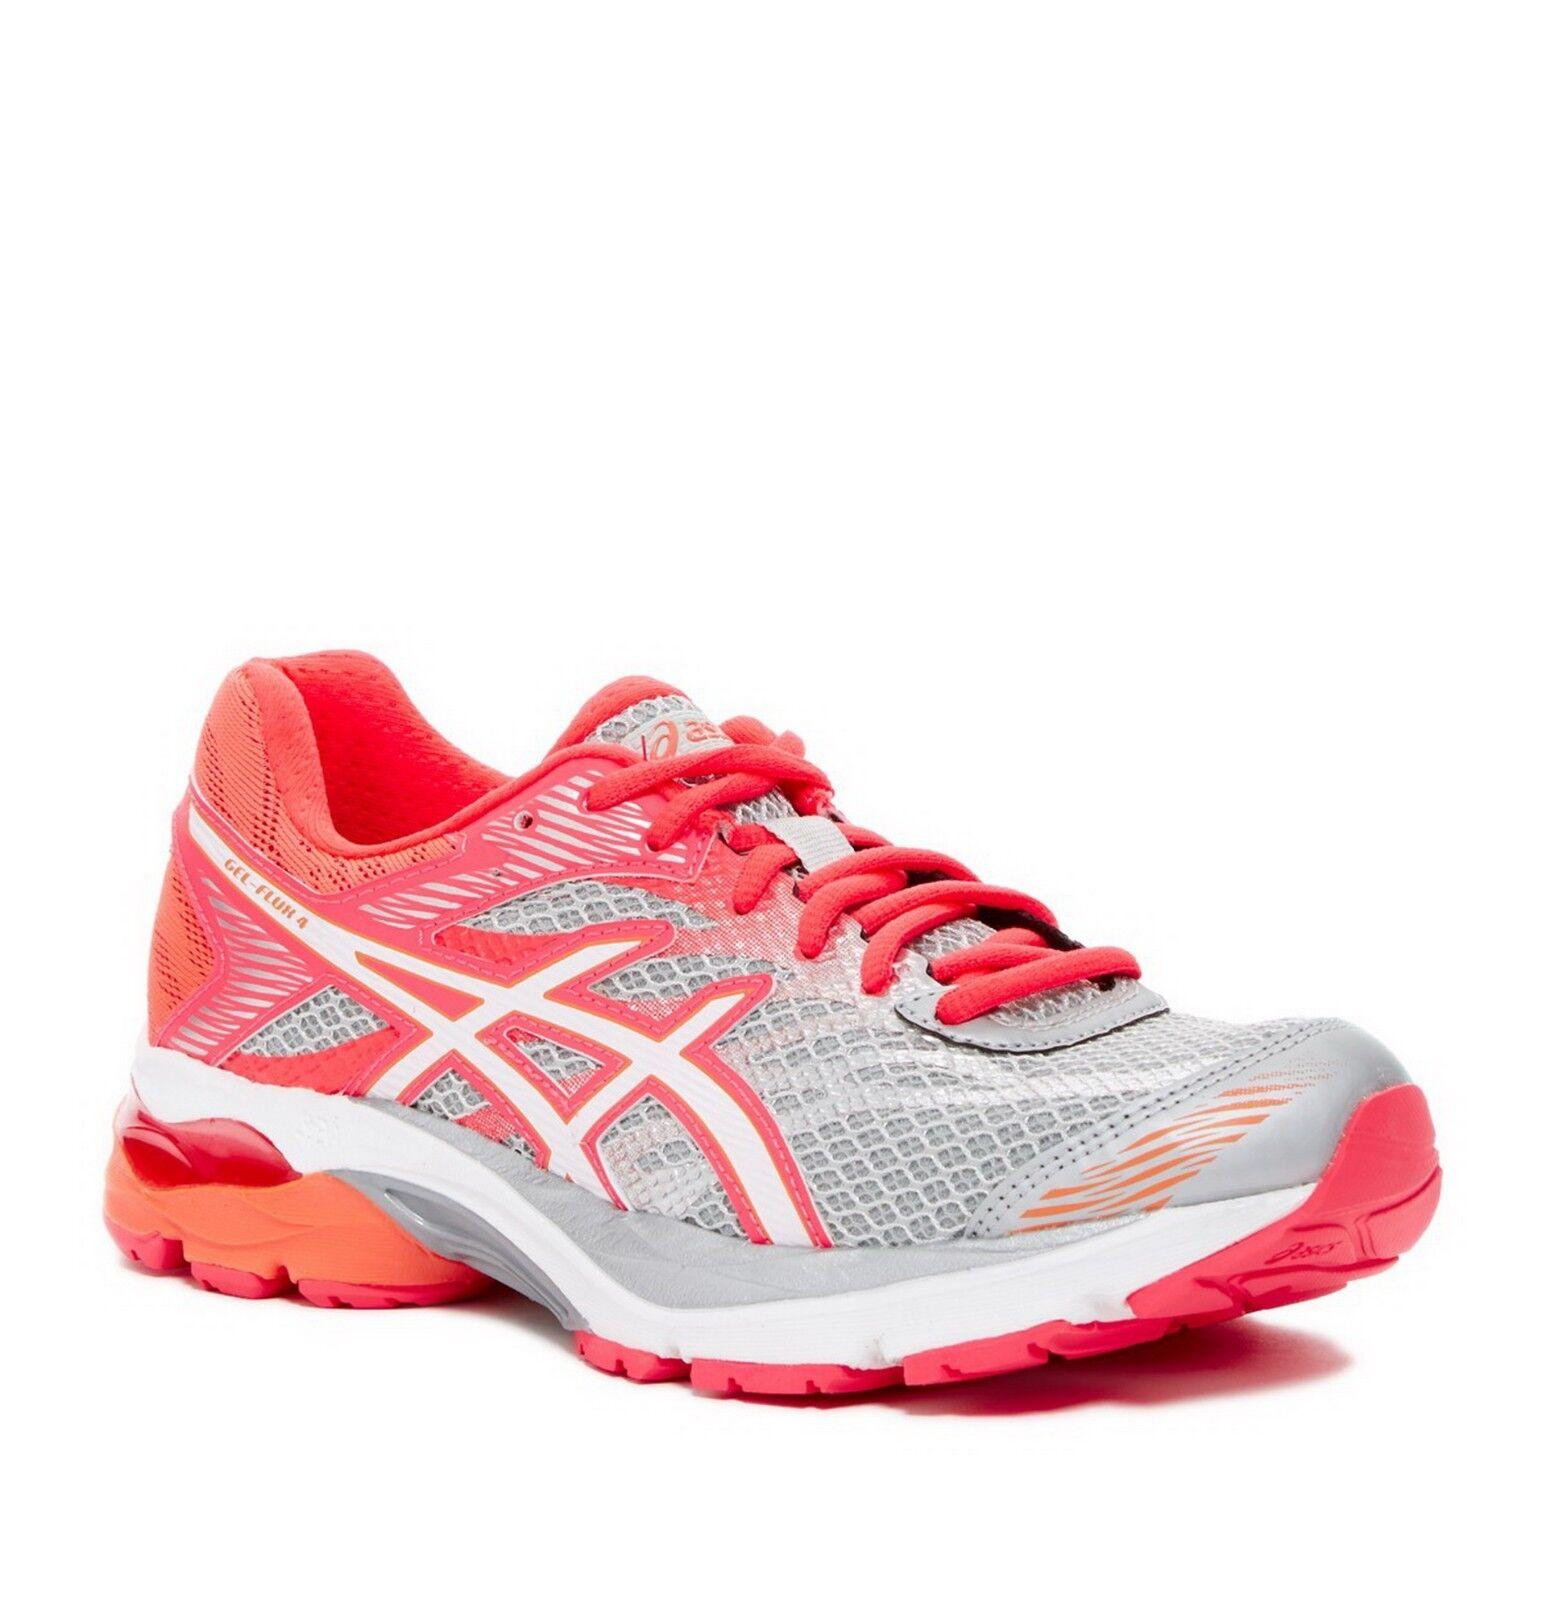 New ASICS GEL-Flux 4 Running Sneaker, Grey-White-Pink, Women US 6.5,